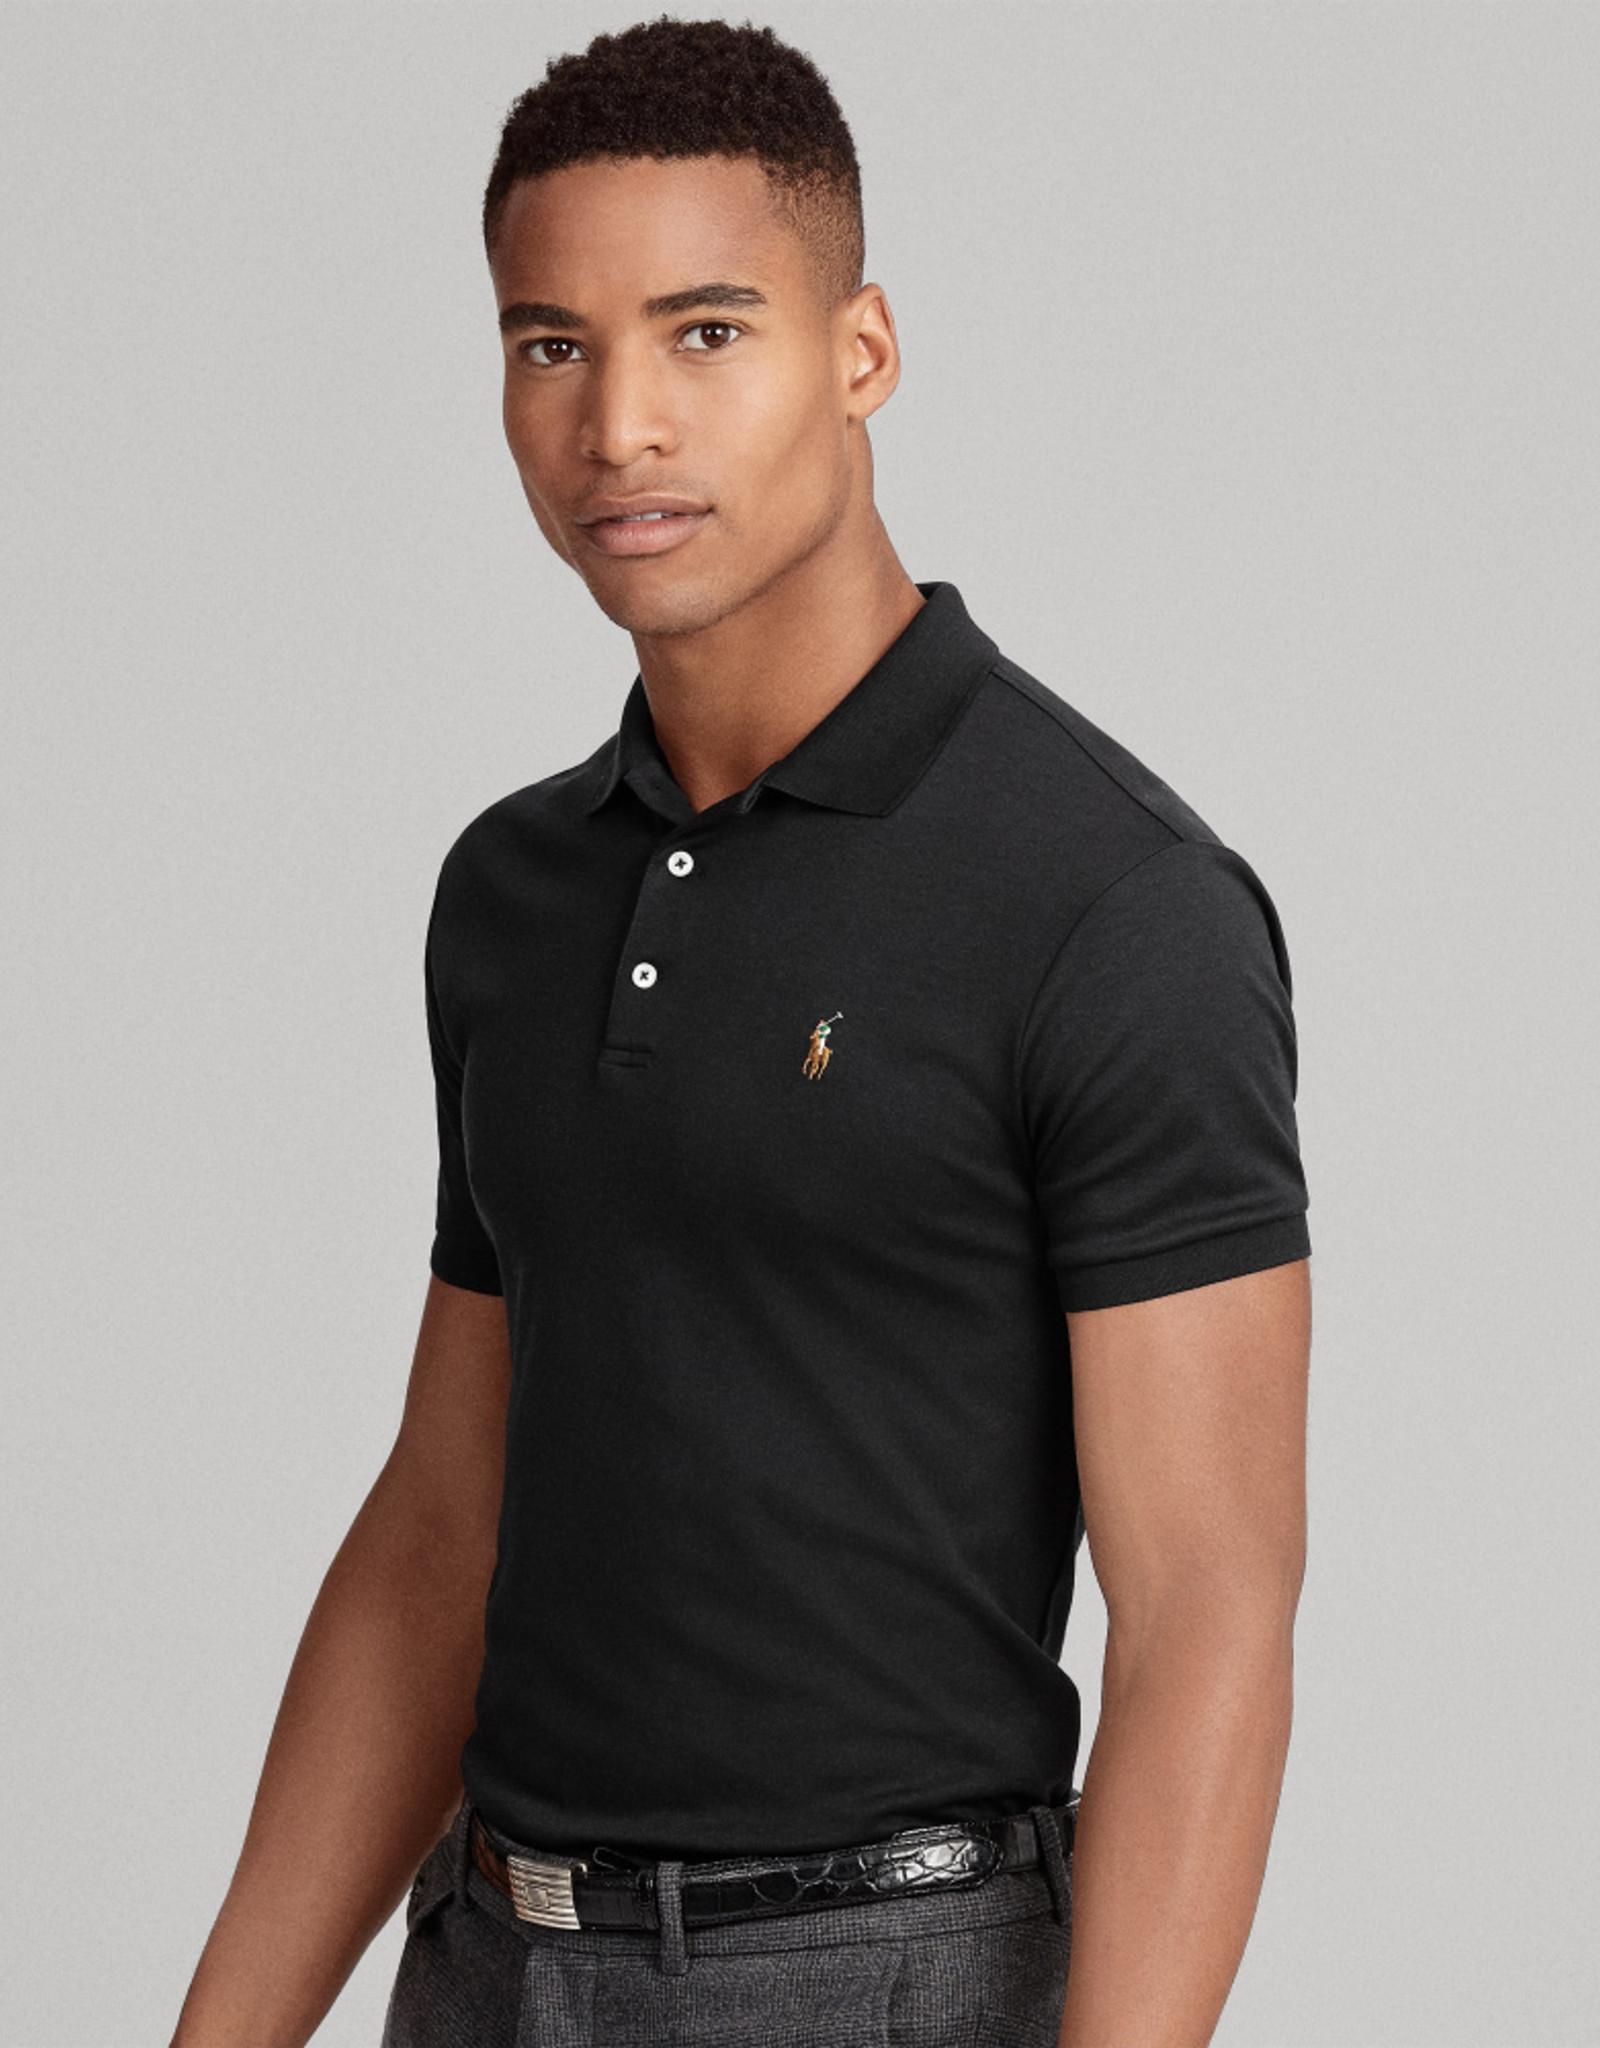 Ralph Lauren Polo Jersey